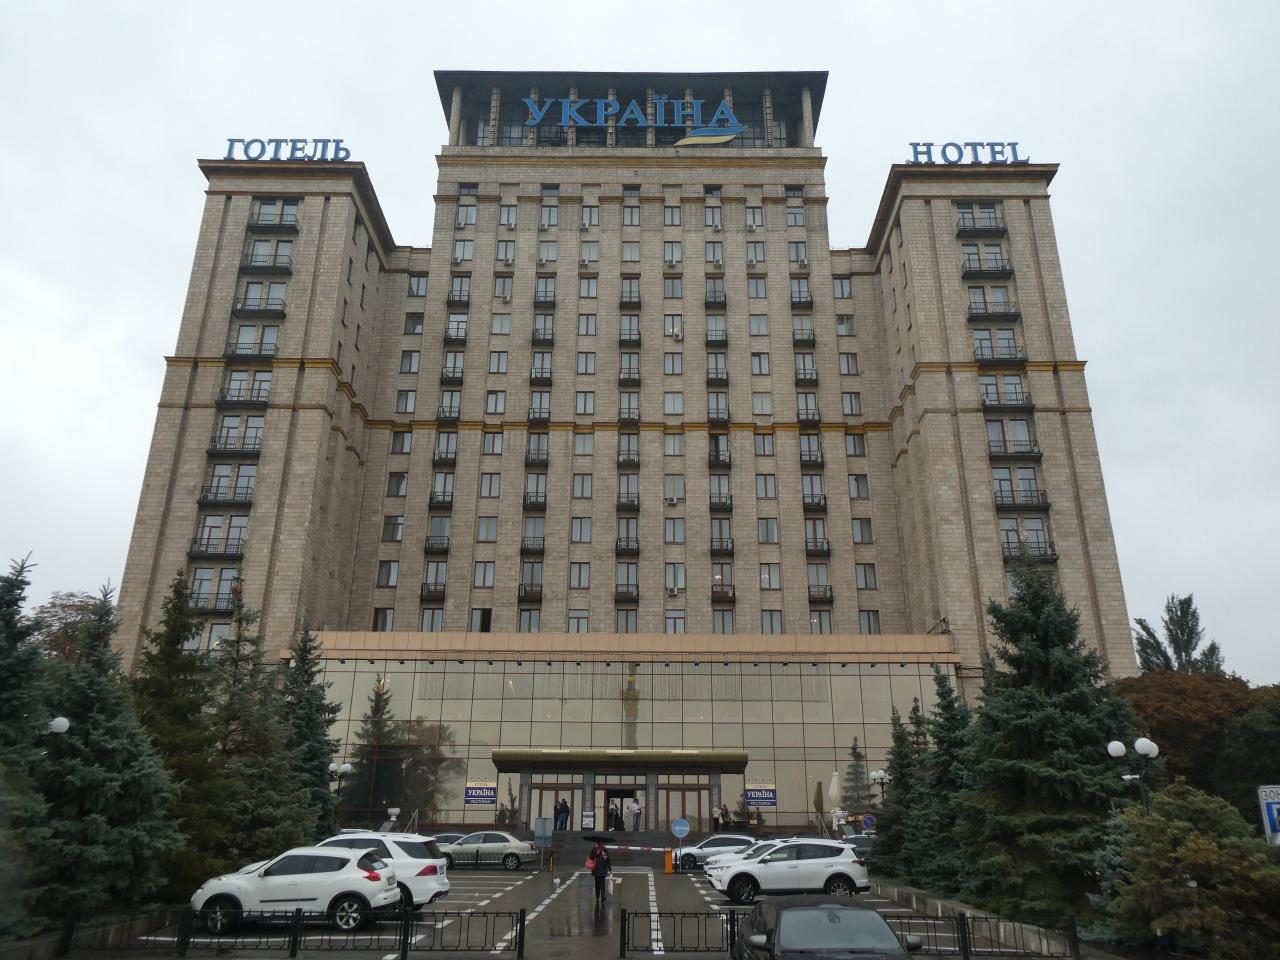 ホテル ウクライナ